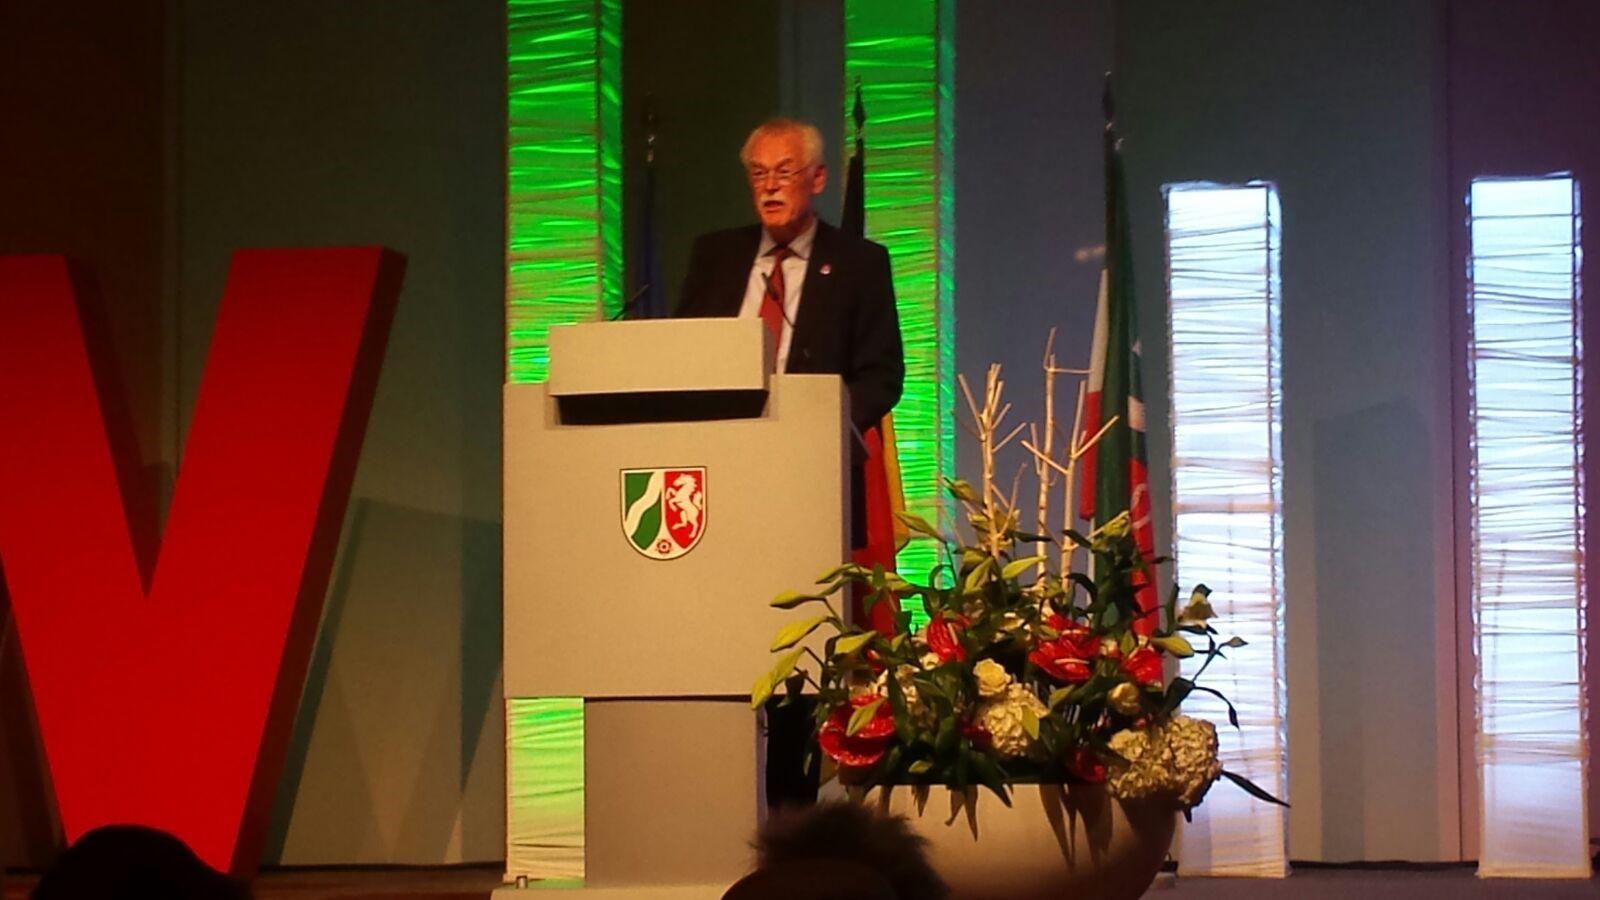 Andreas Meyer-Lauber, Vorsitzender DGB-Bezirk NRW